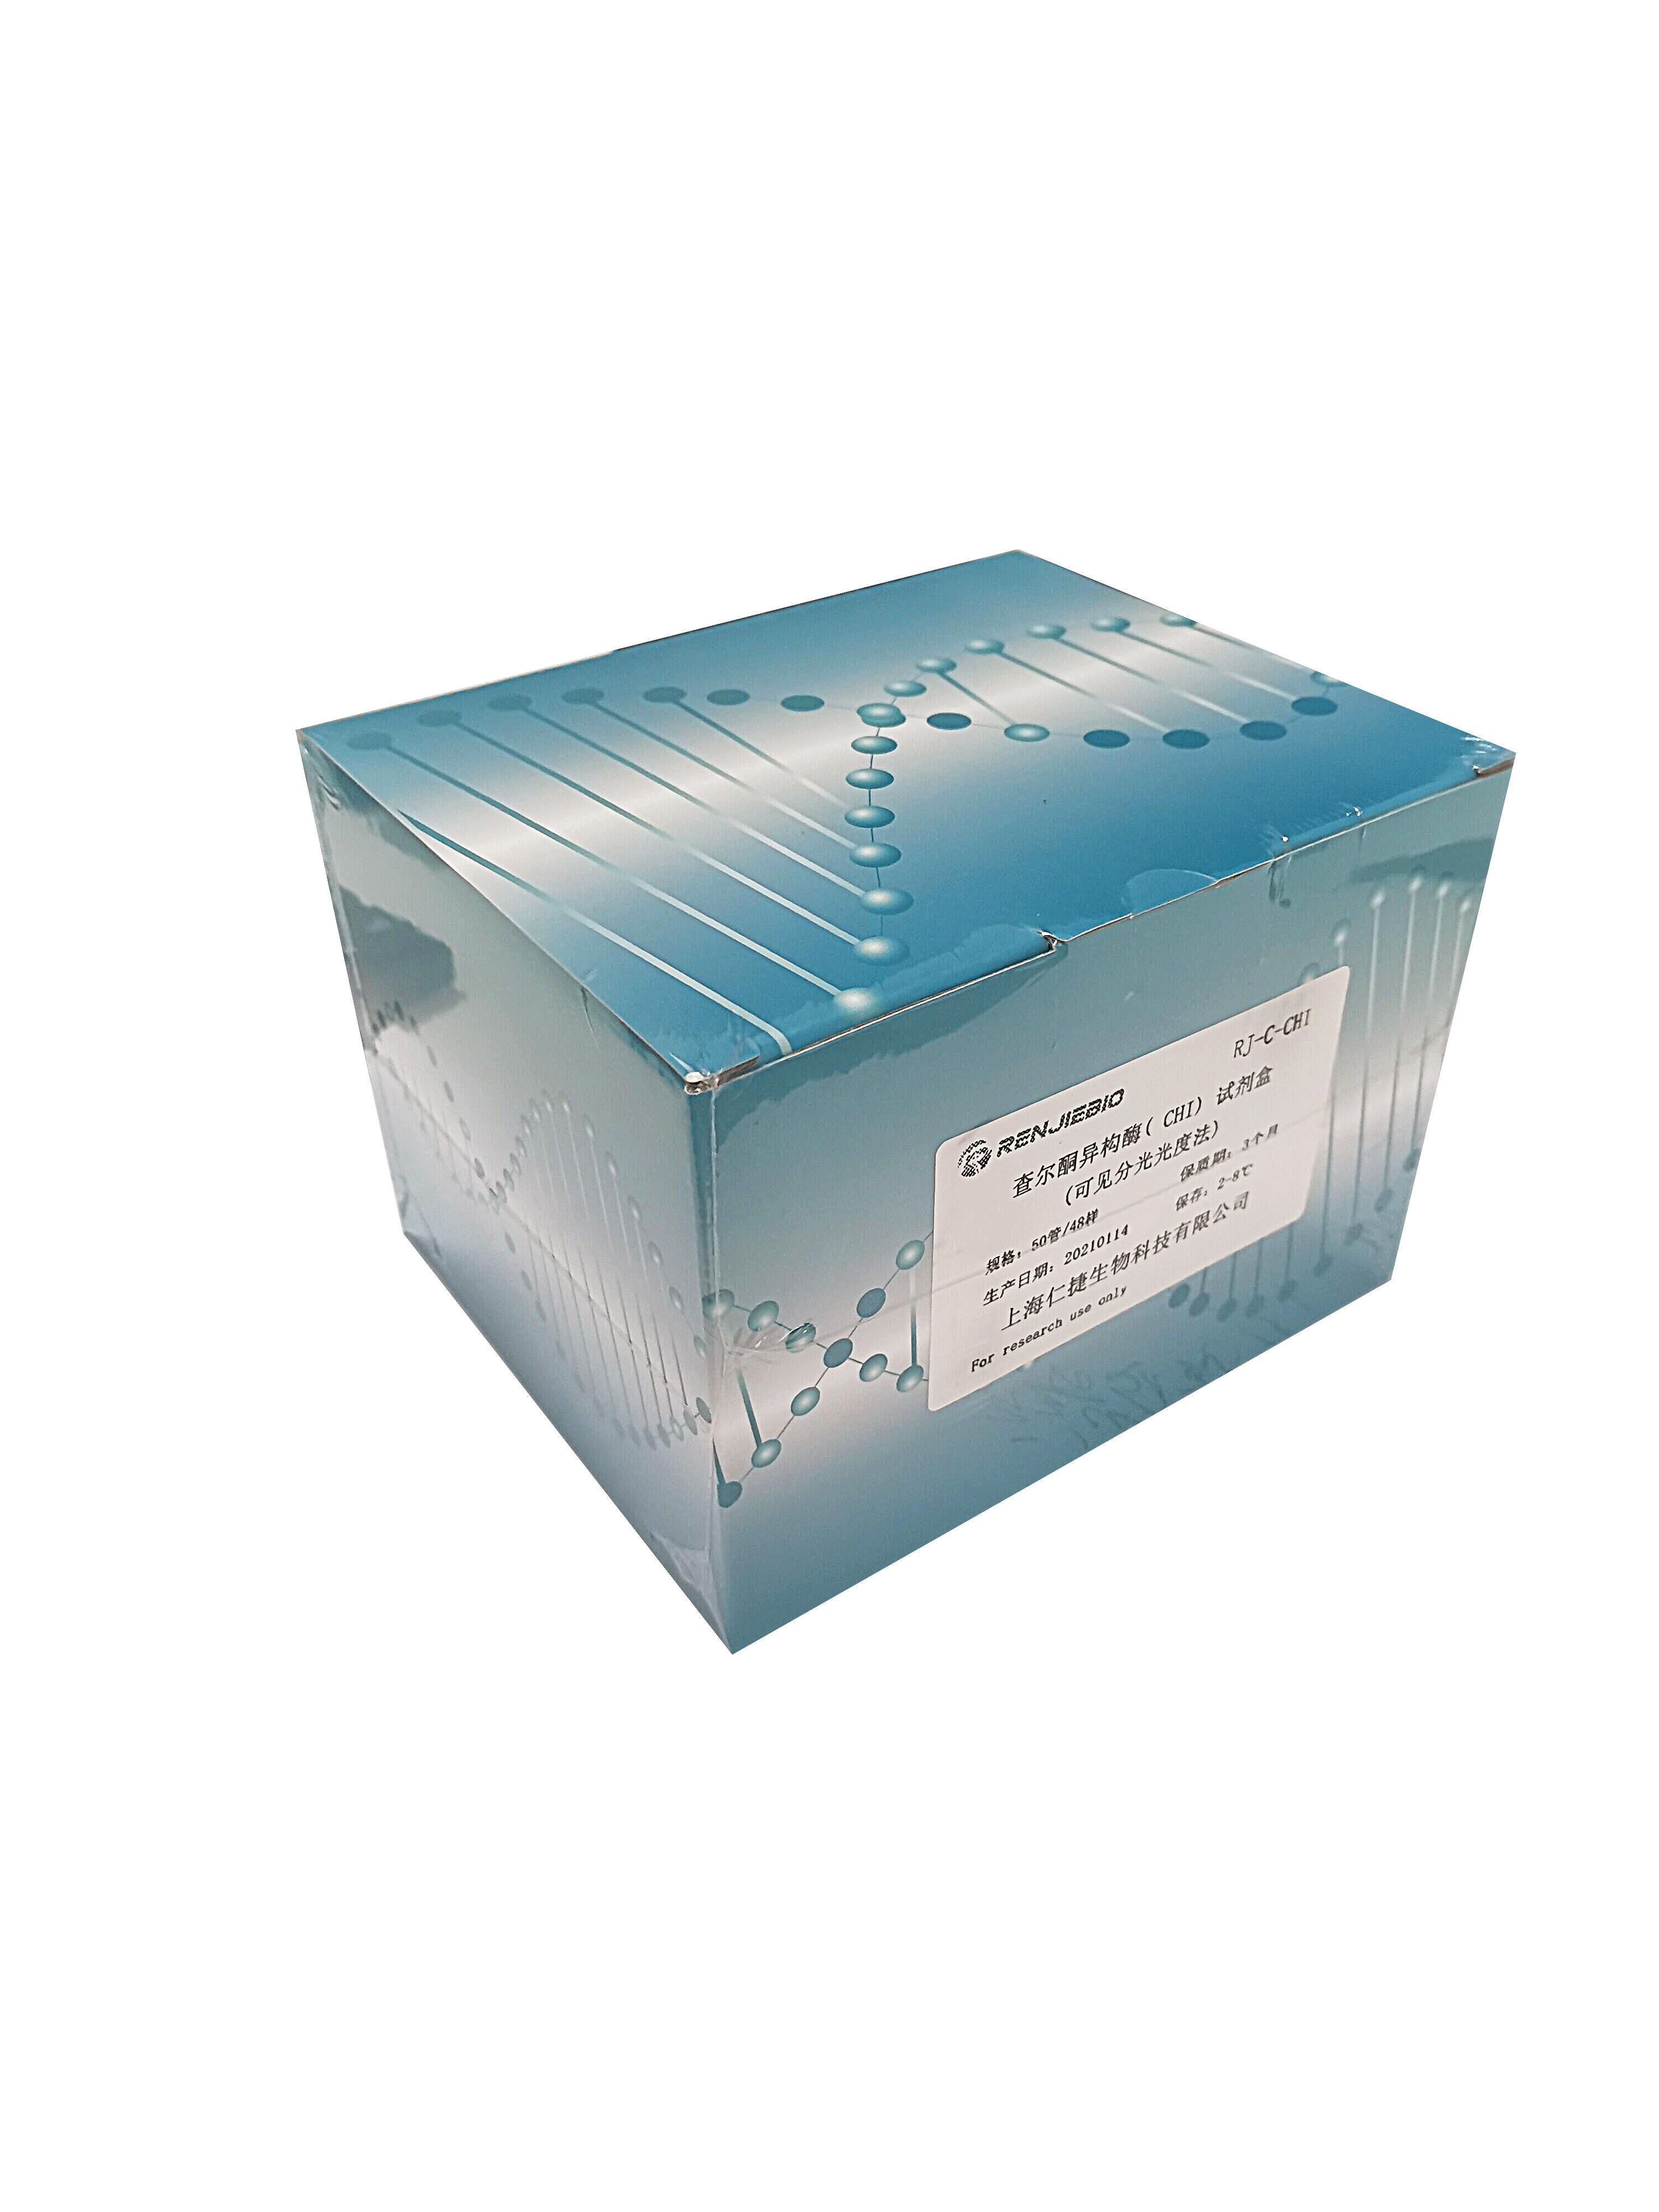 植物可溶性糖含量测试盒-微量法